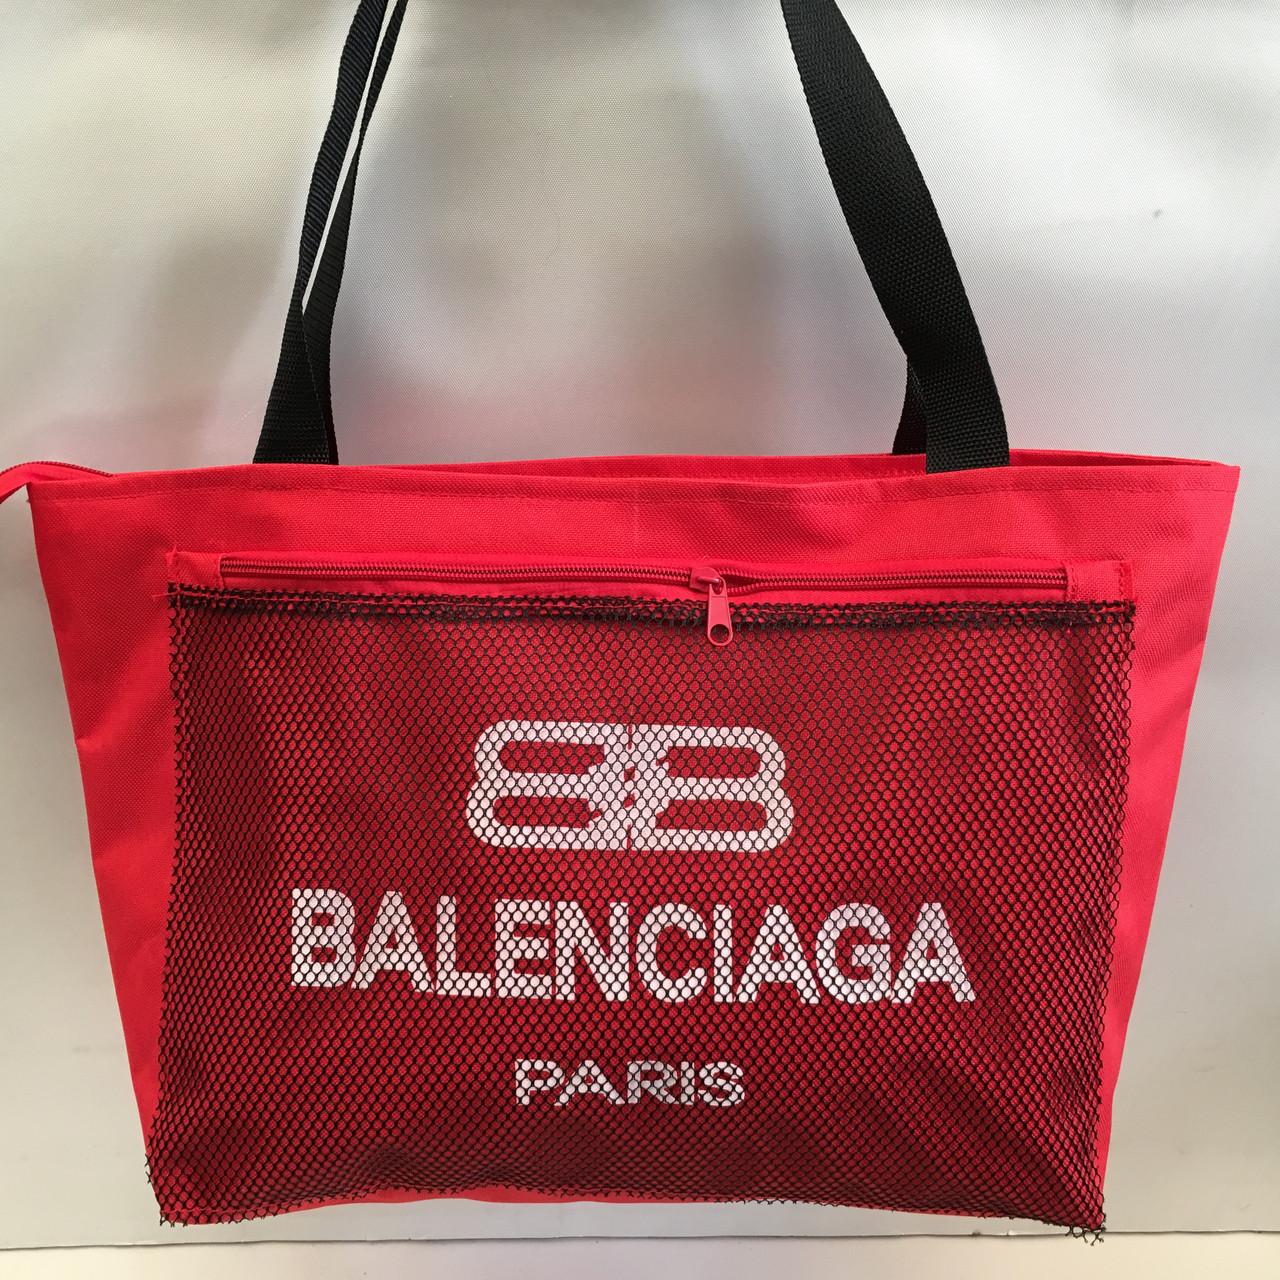 29c93d4c5719 Модная спортивная сумка BALENCIAGA ОПТ: продажа, цена в Харькове ...